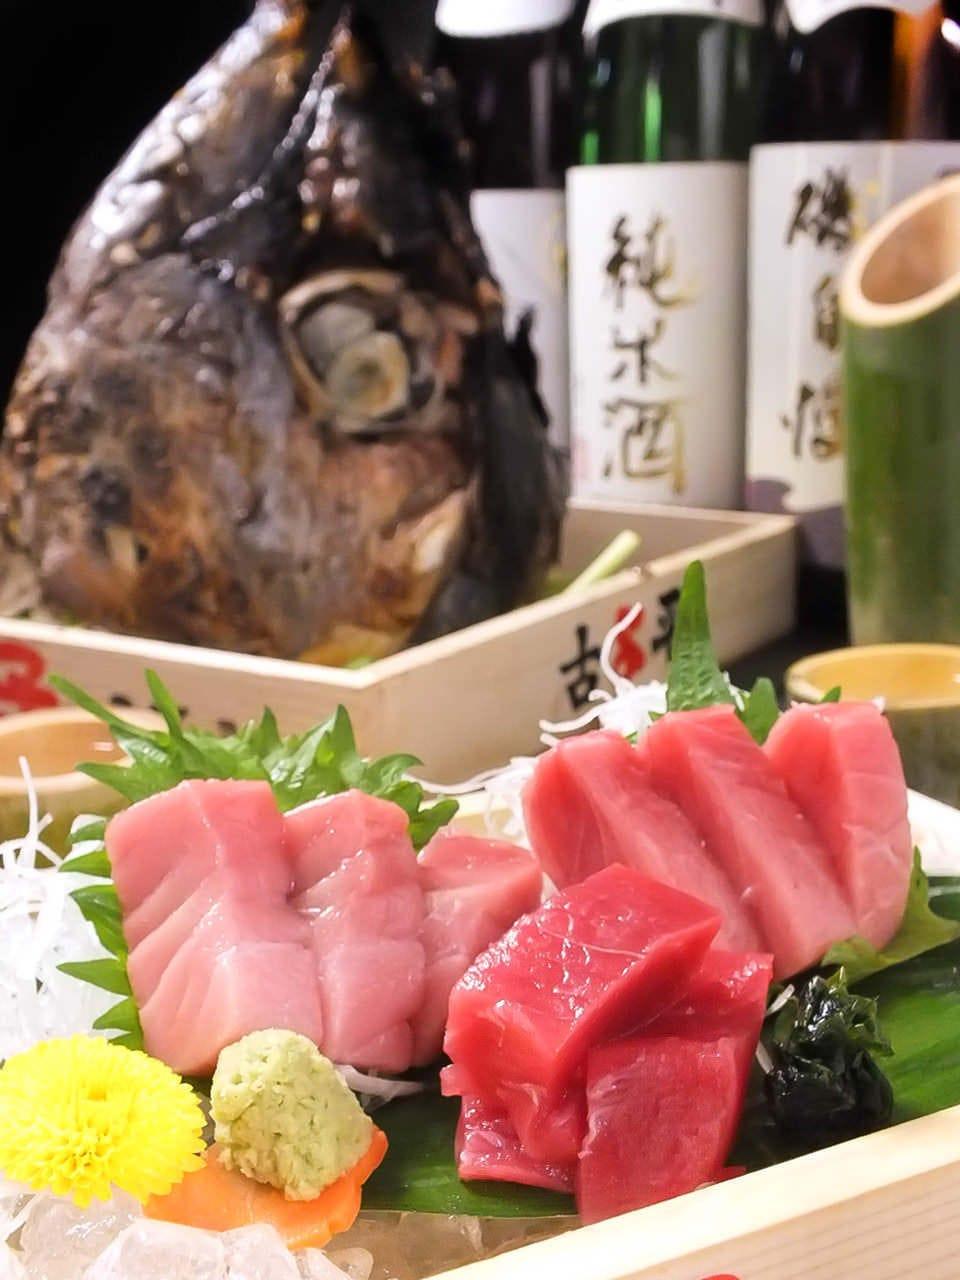 【わくわく!絶好調!今年もツイテる】本マグロ・牛タンが食べられる6000円飲み放題コース